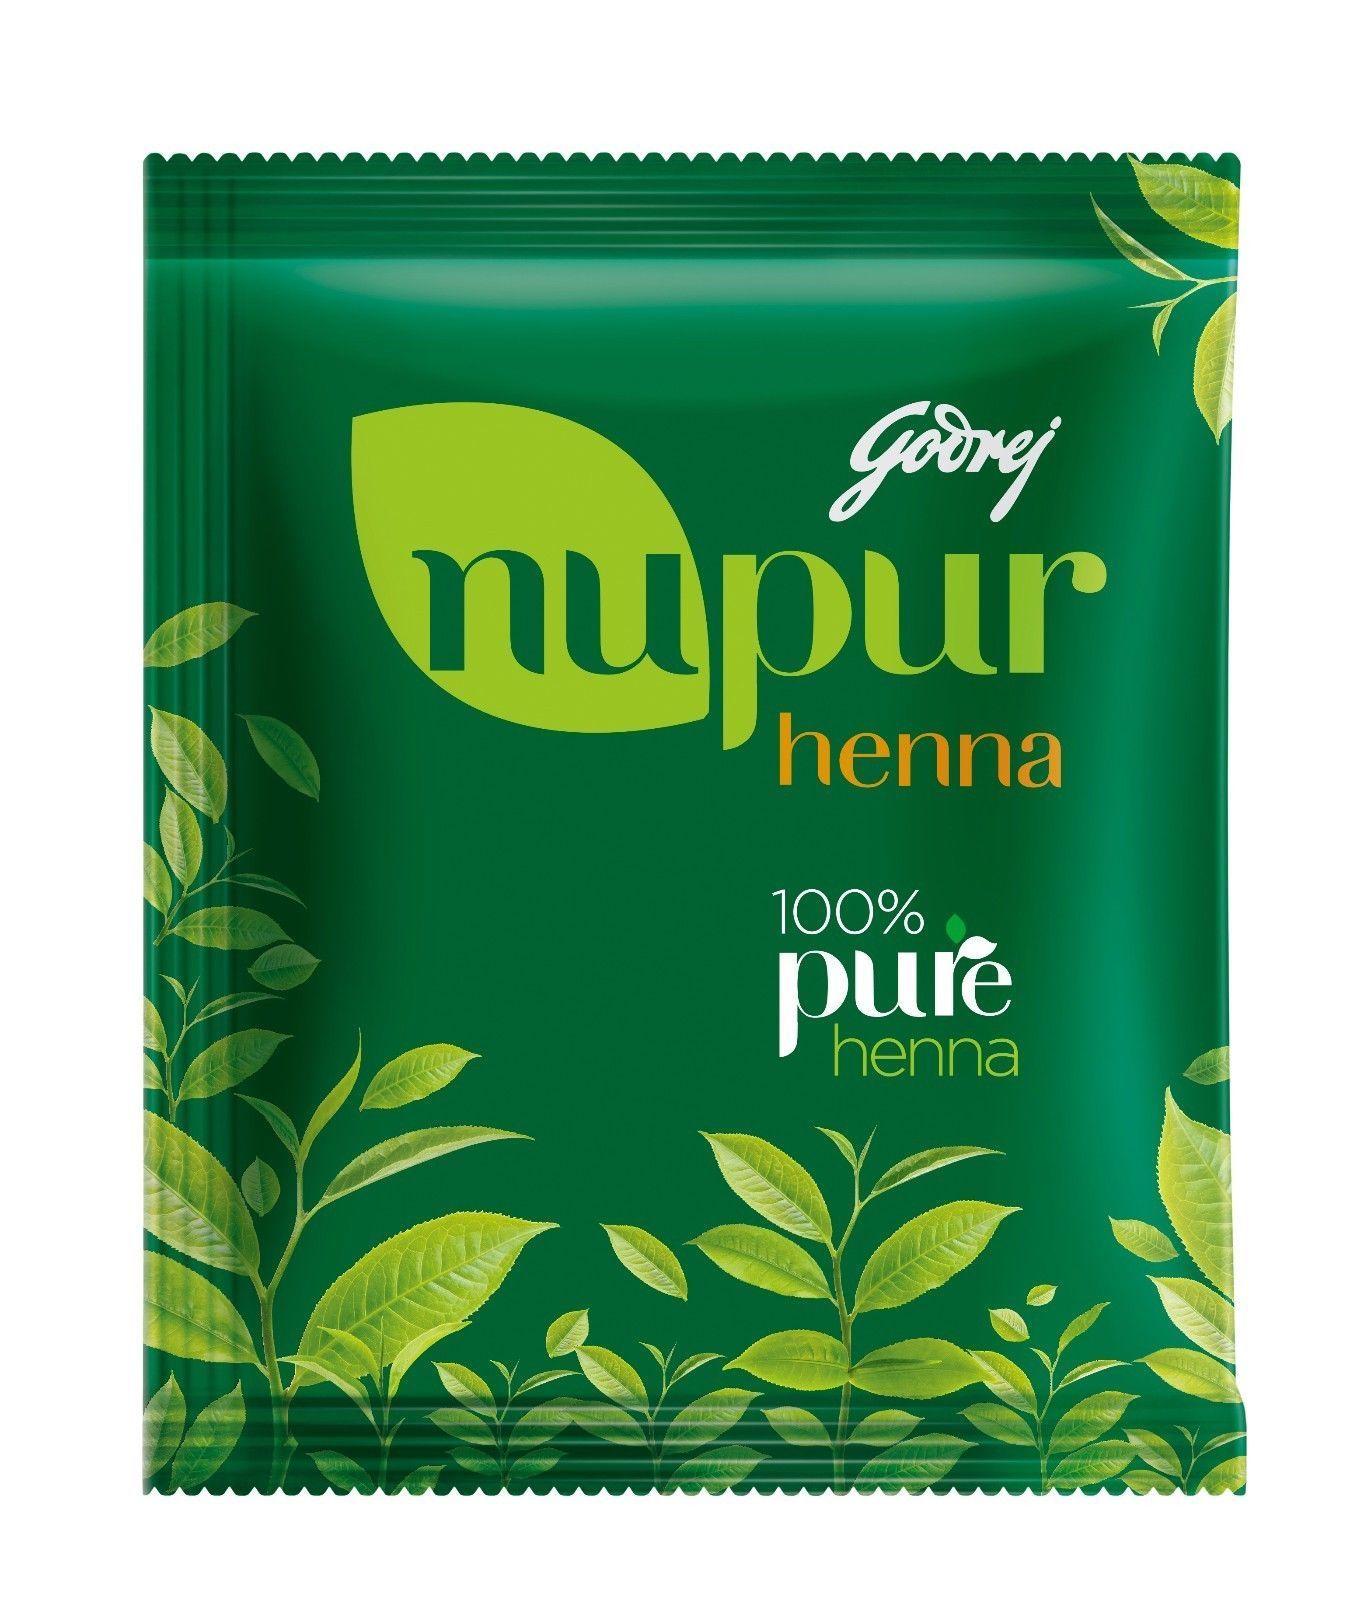 Nupur Henna Hair Color